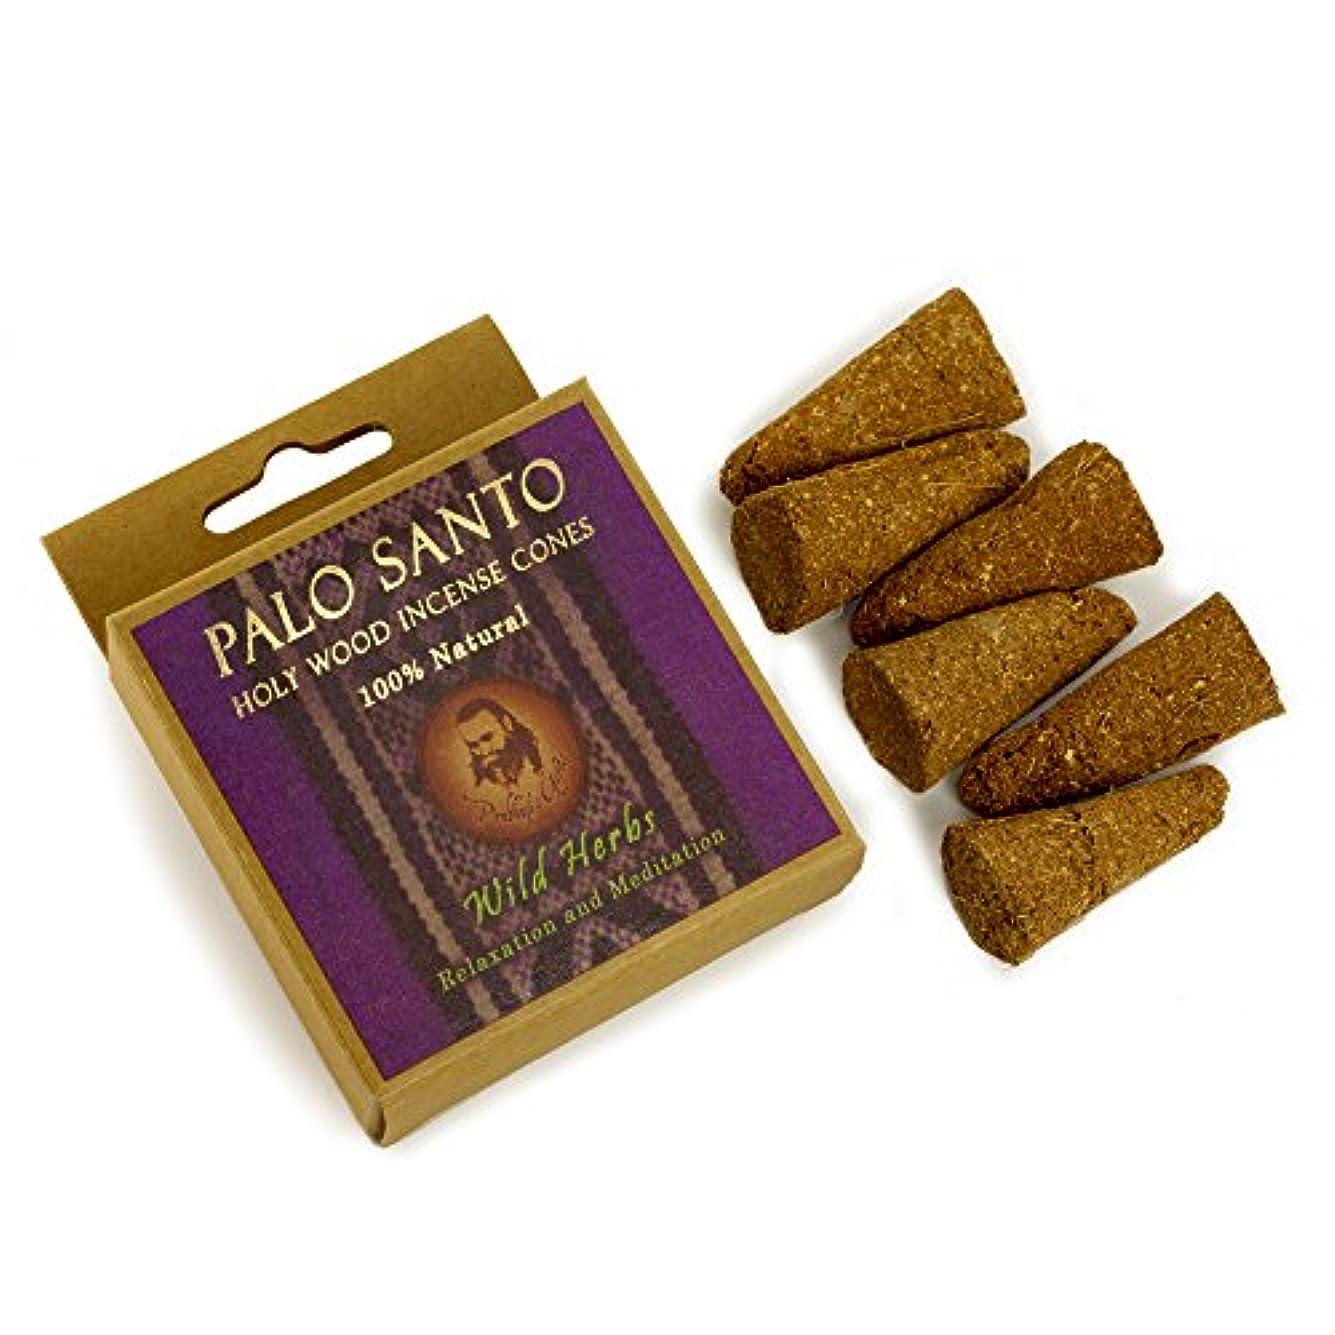 耳湿気の多い少数Palo Santo and Wild herbs – Relaxation &瞑想 – 6 Incense Cones